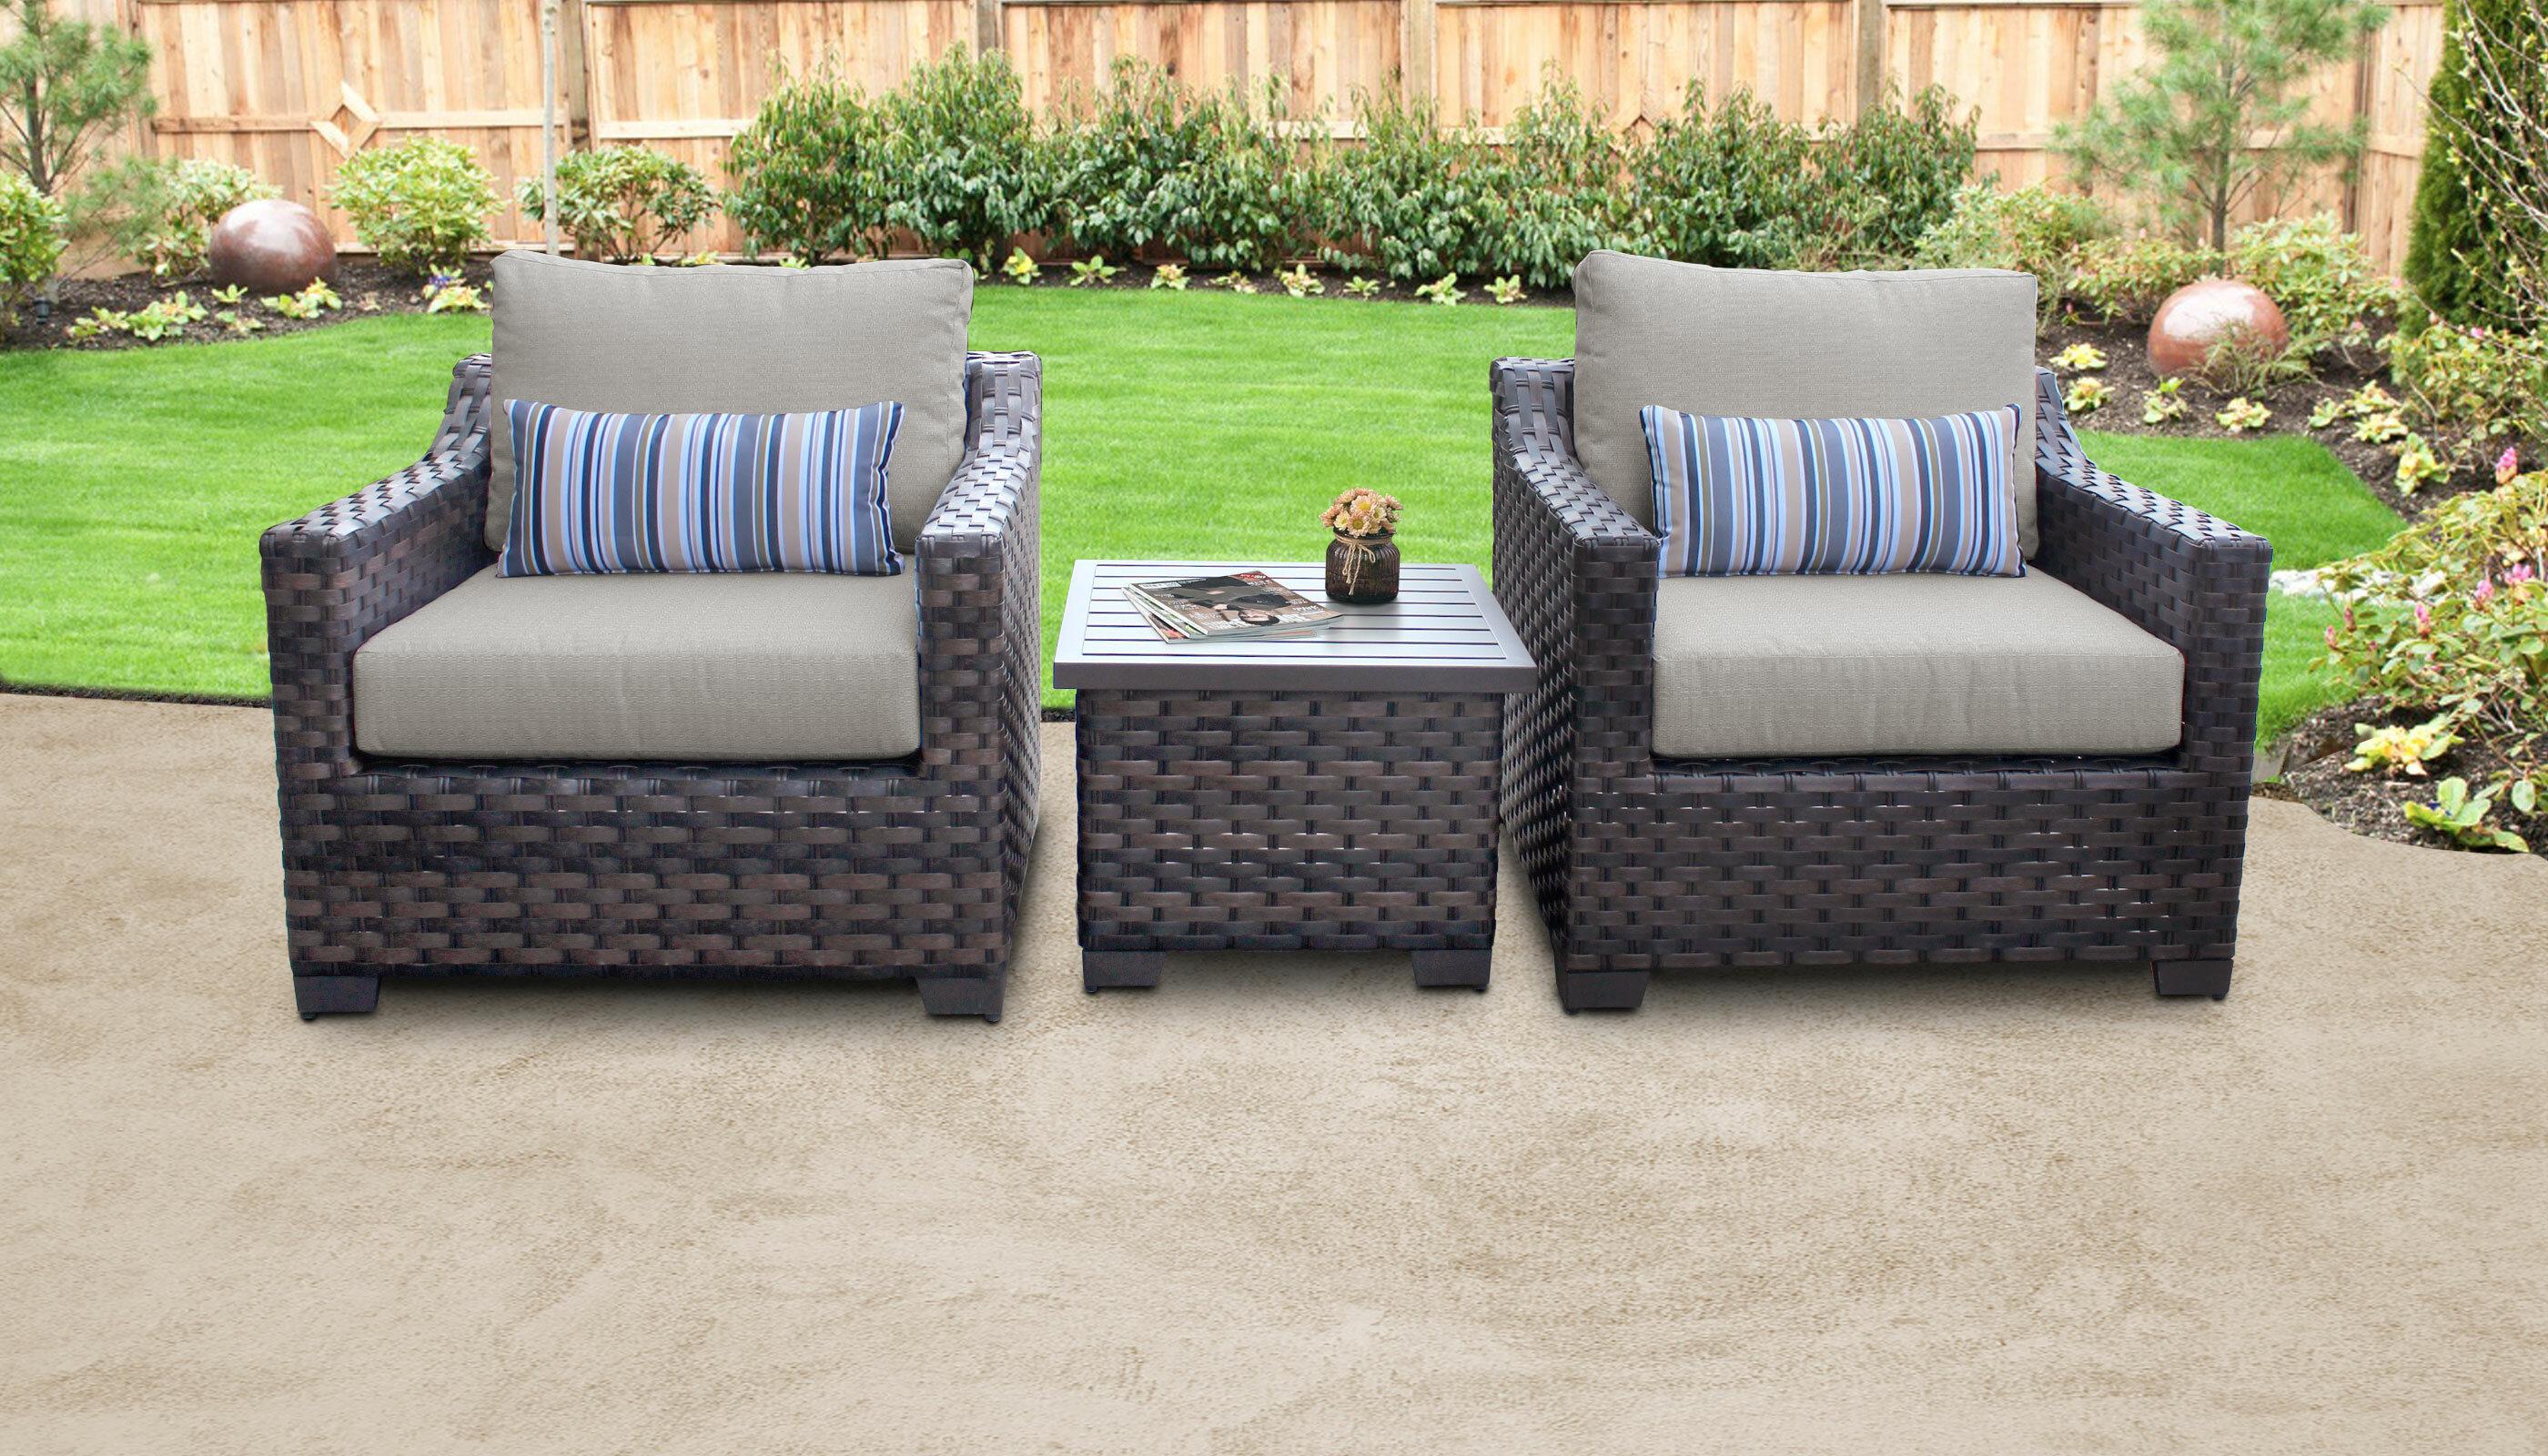 Red Barrel Studio Wrobel 3 Piece Outdoor Wicker Patio Furniture